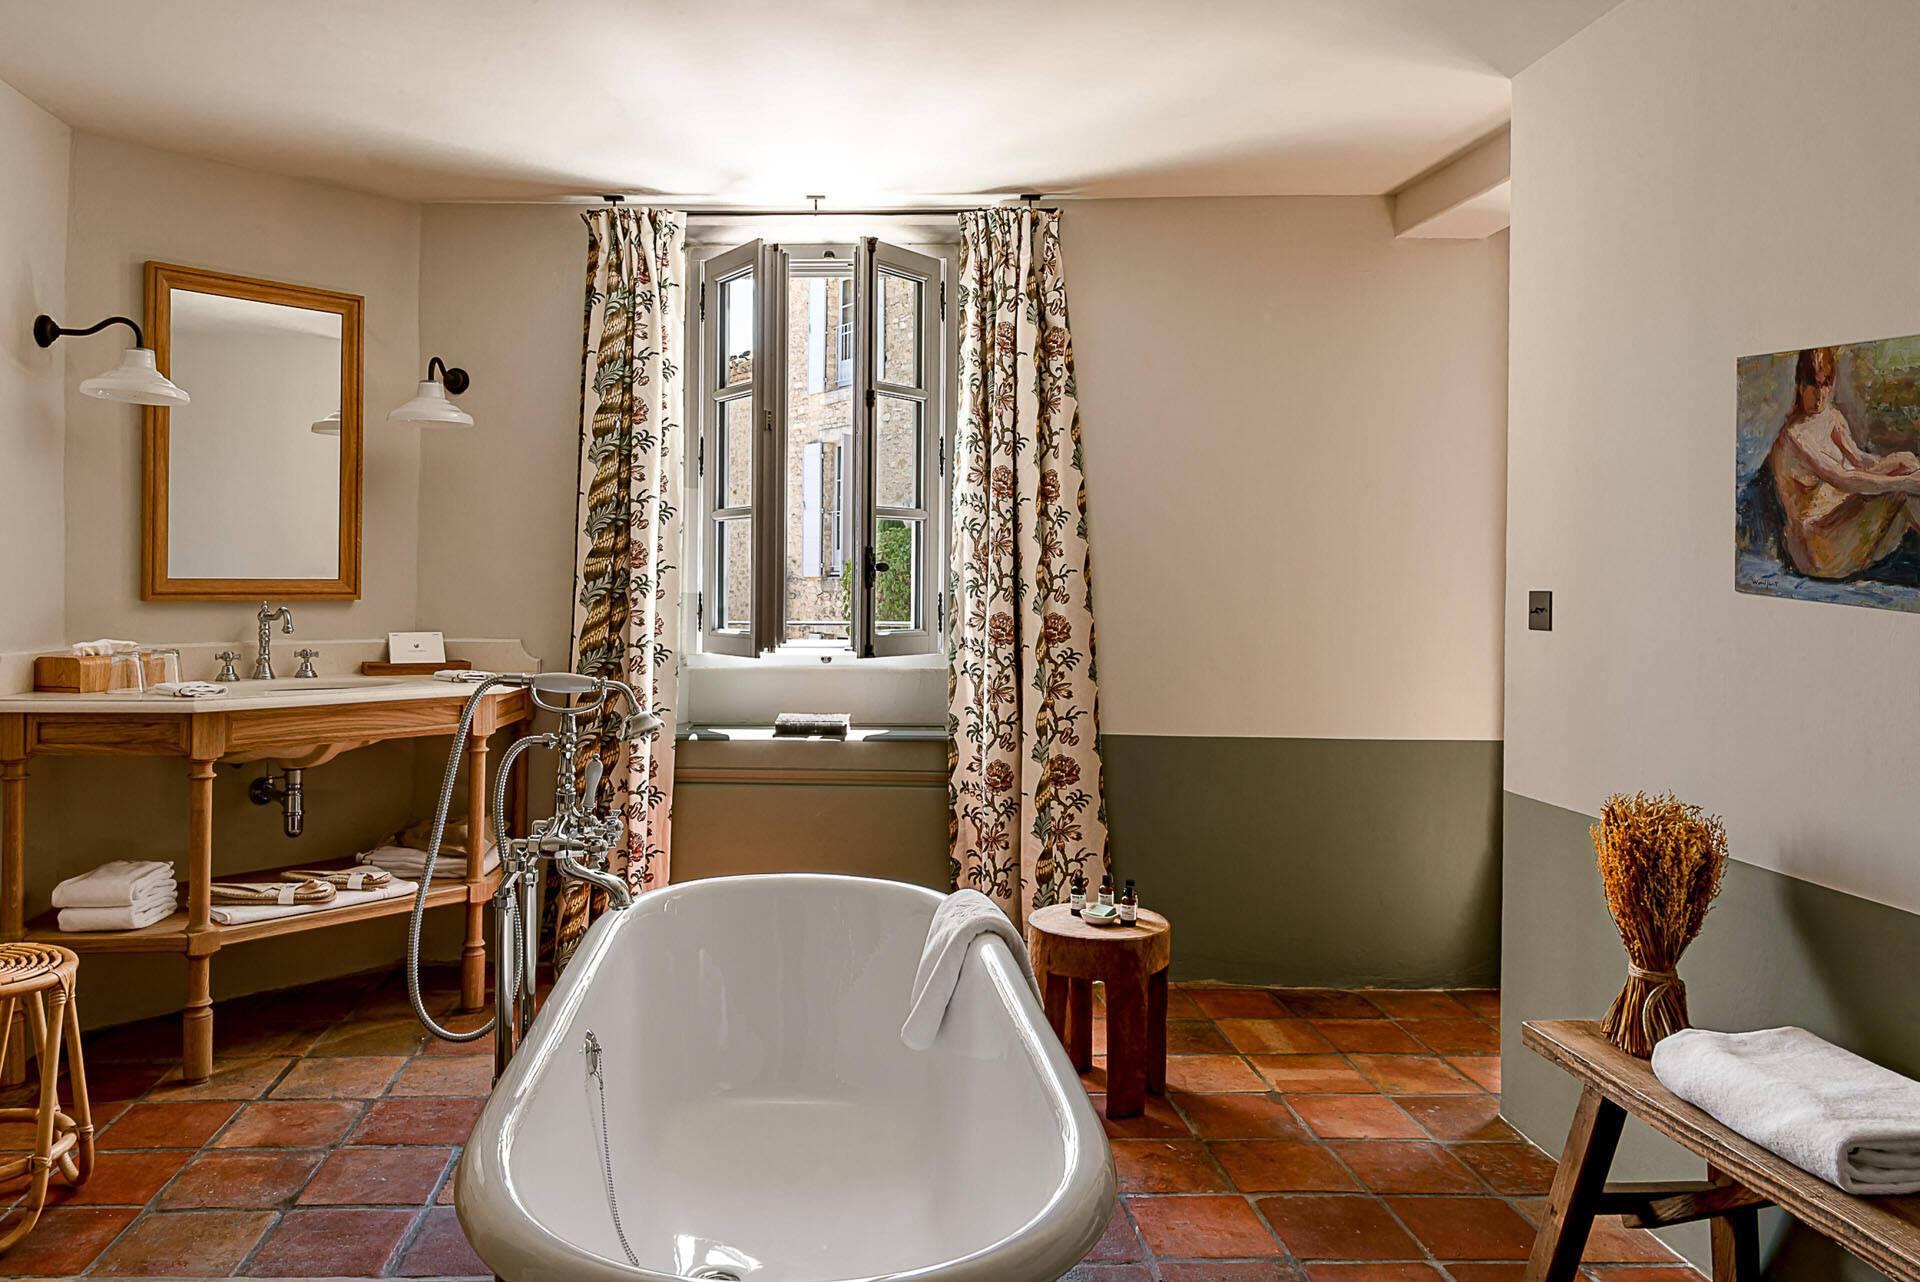 Hotel Crillon Le Brave Provence P Locqueneux Chambre Prestige Salle Bains